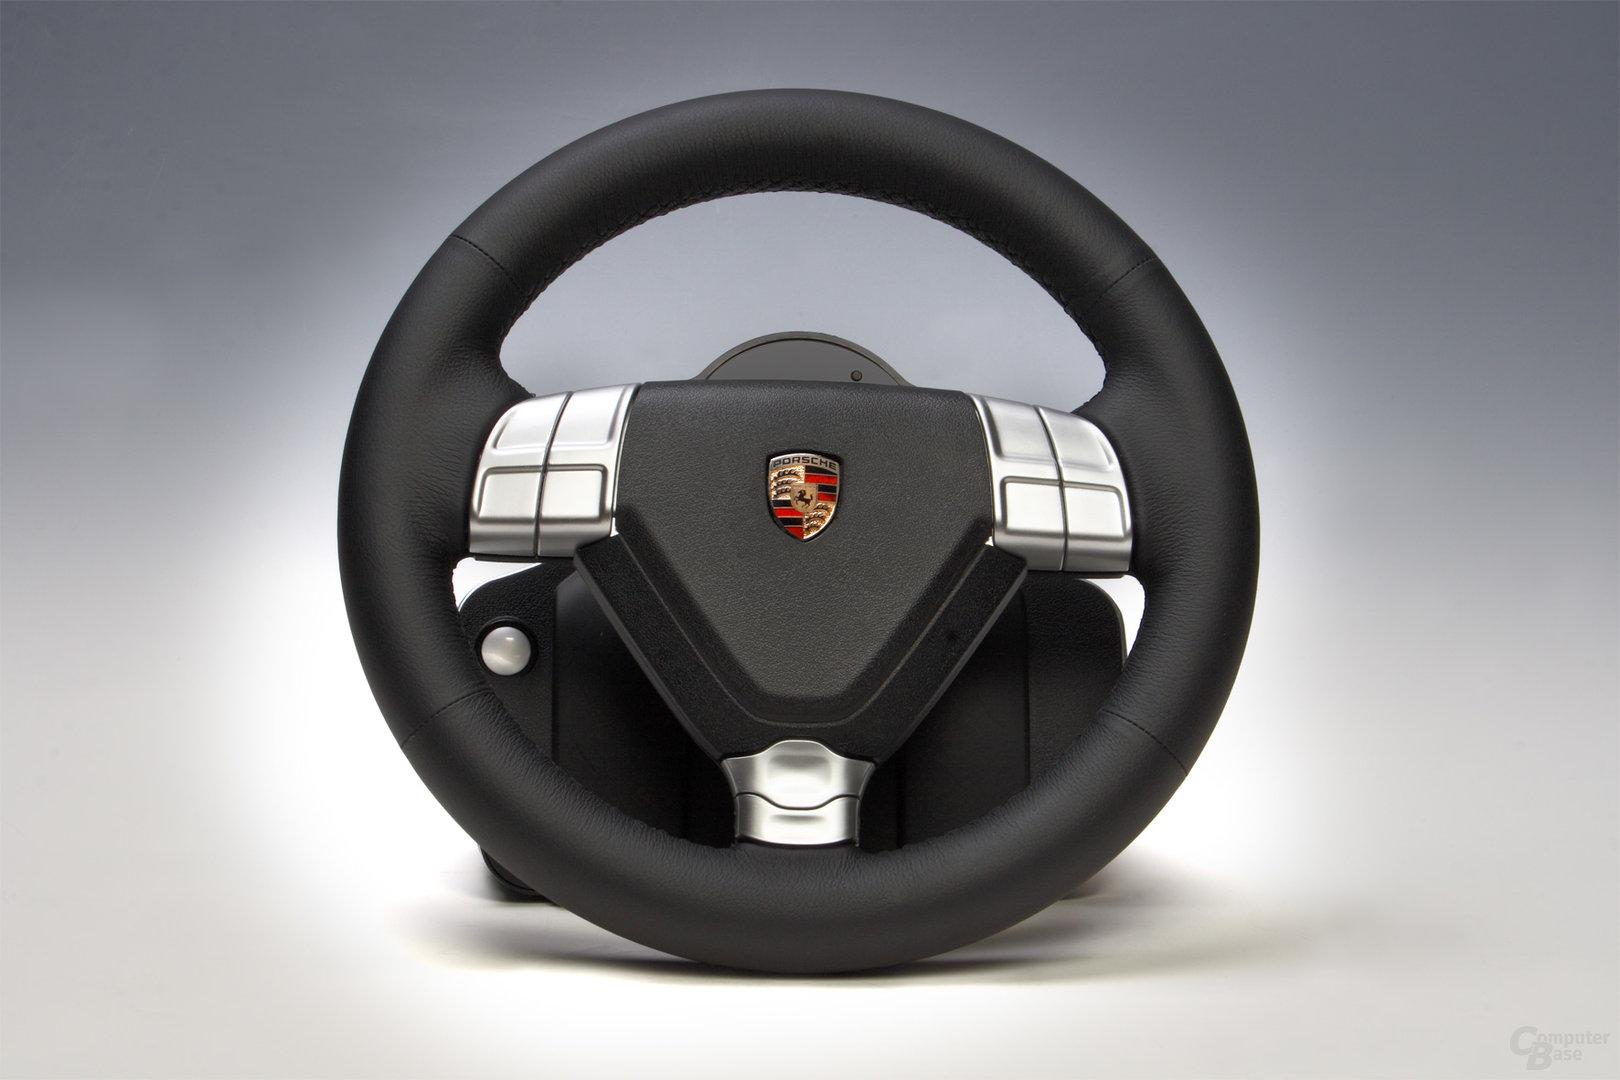 porsche 911 turbo s lenkrad vorne bild 1 9 computerbase. Black Bedroom Furniture Sets. Home Design Ideas